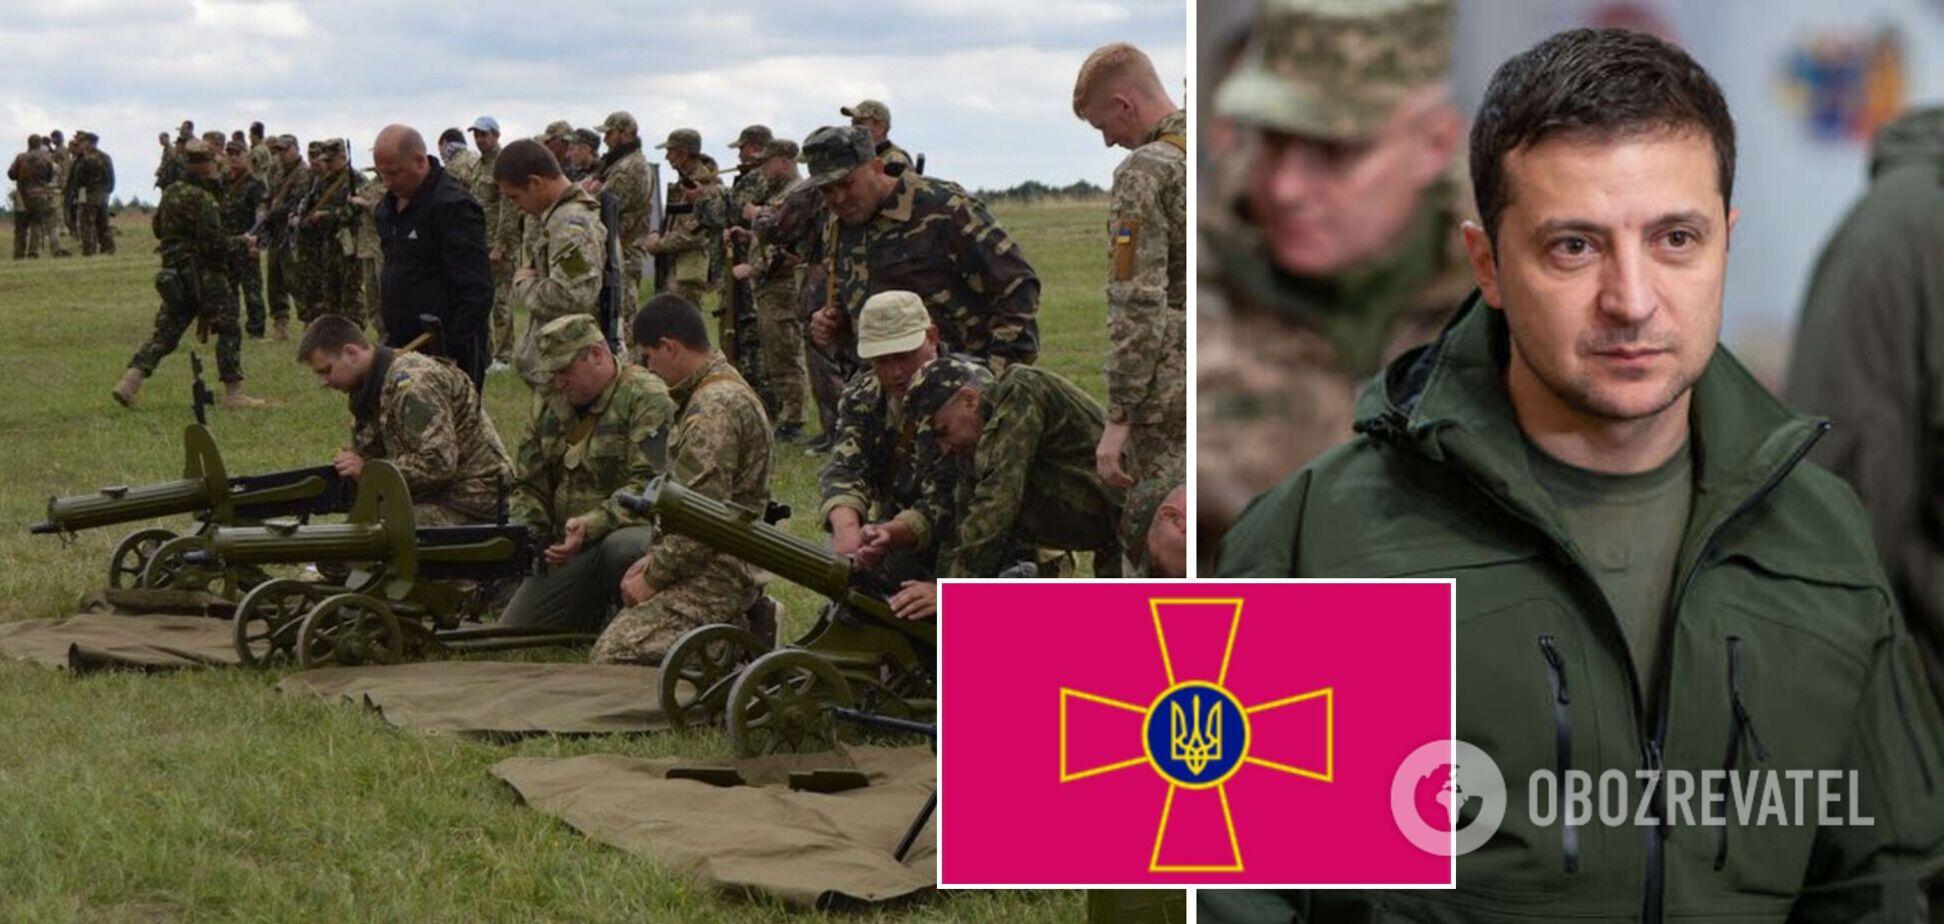 Зеленський вирішив масово вчити українців захищатися від агресора. Розбір законопроєктів